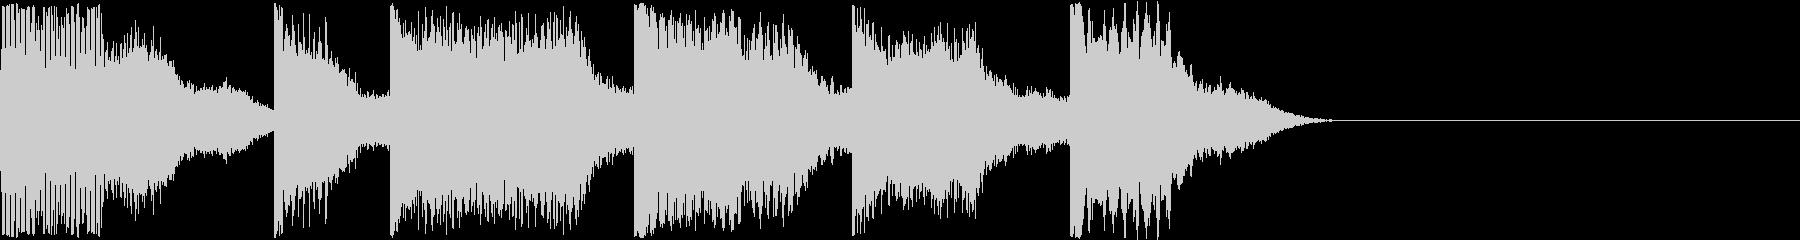 AI メカ/ロボ/マシン動作音 27の未再生の波形